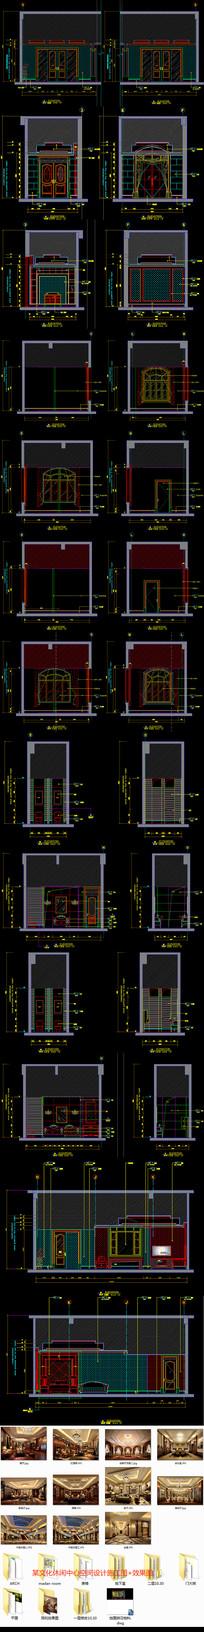 文化休闲中心空间设计CAD施工图+效果图